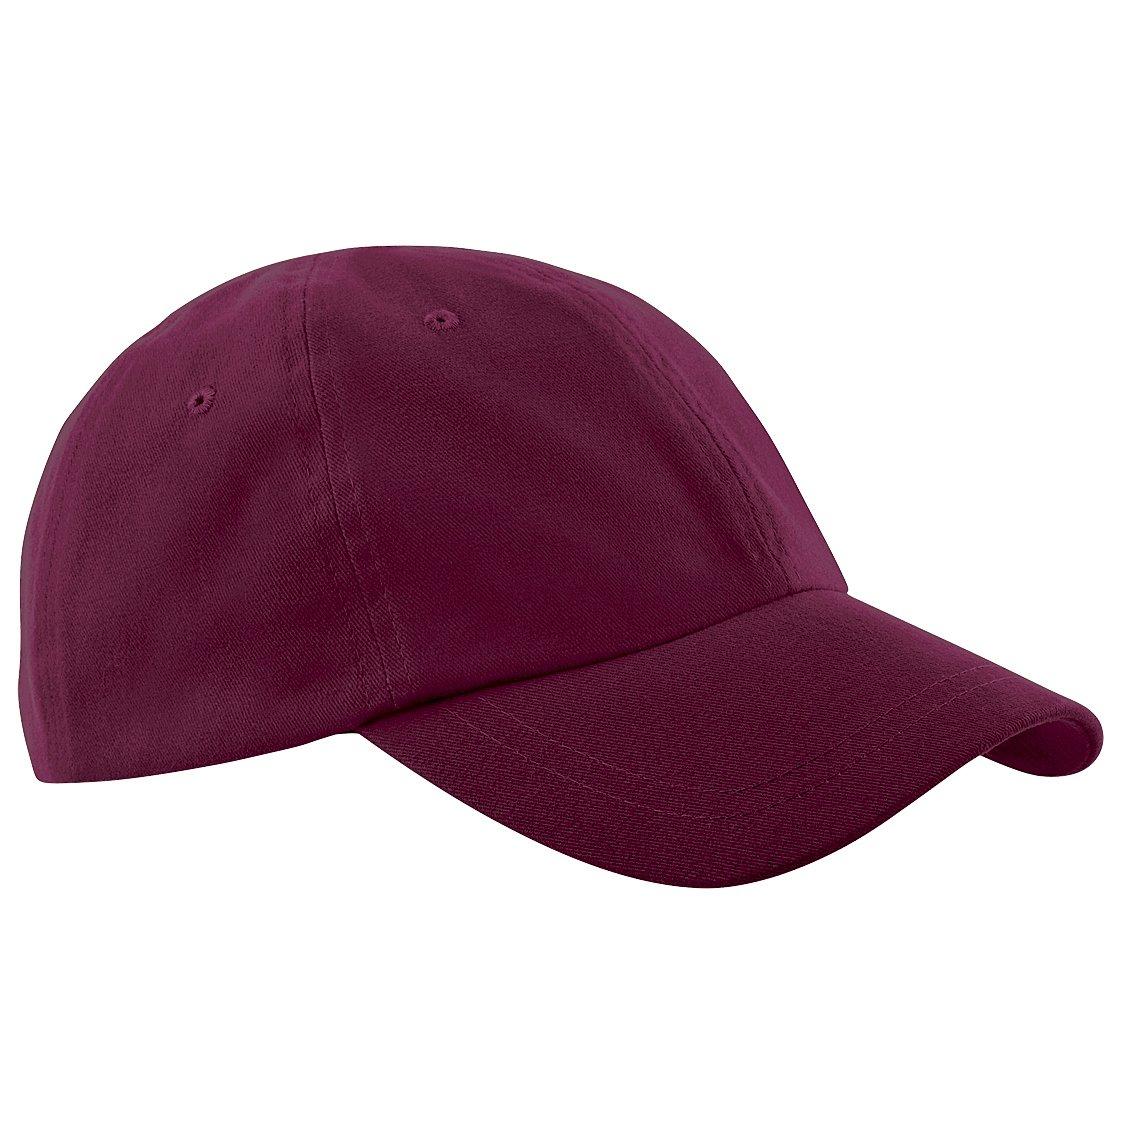 Beechfield Junior Low Profile Baseball Cap / Schoolwear / Headwear (One Size) (Burgundy)